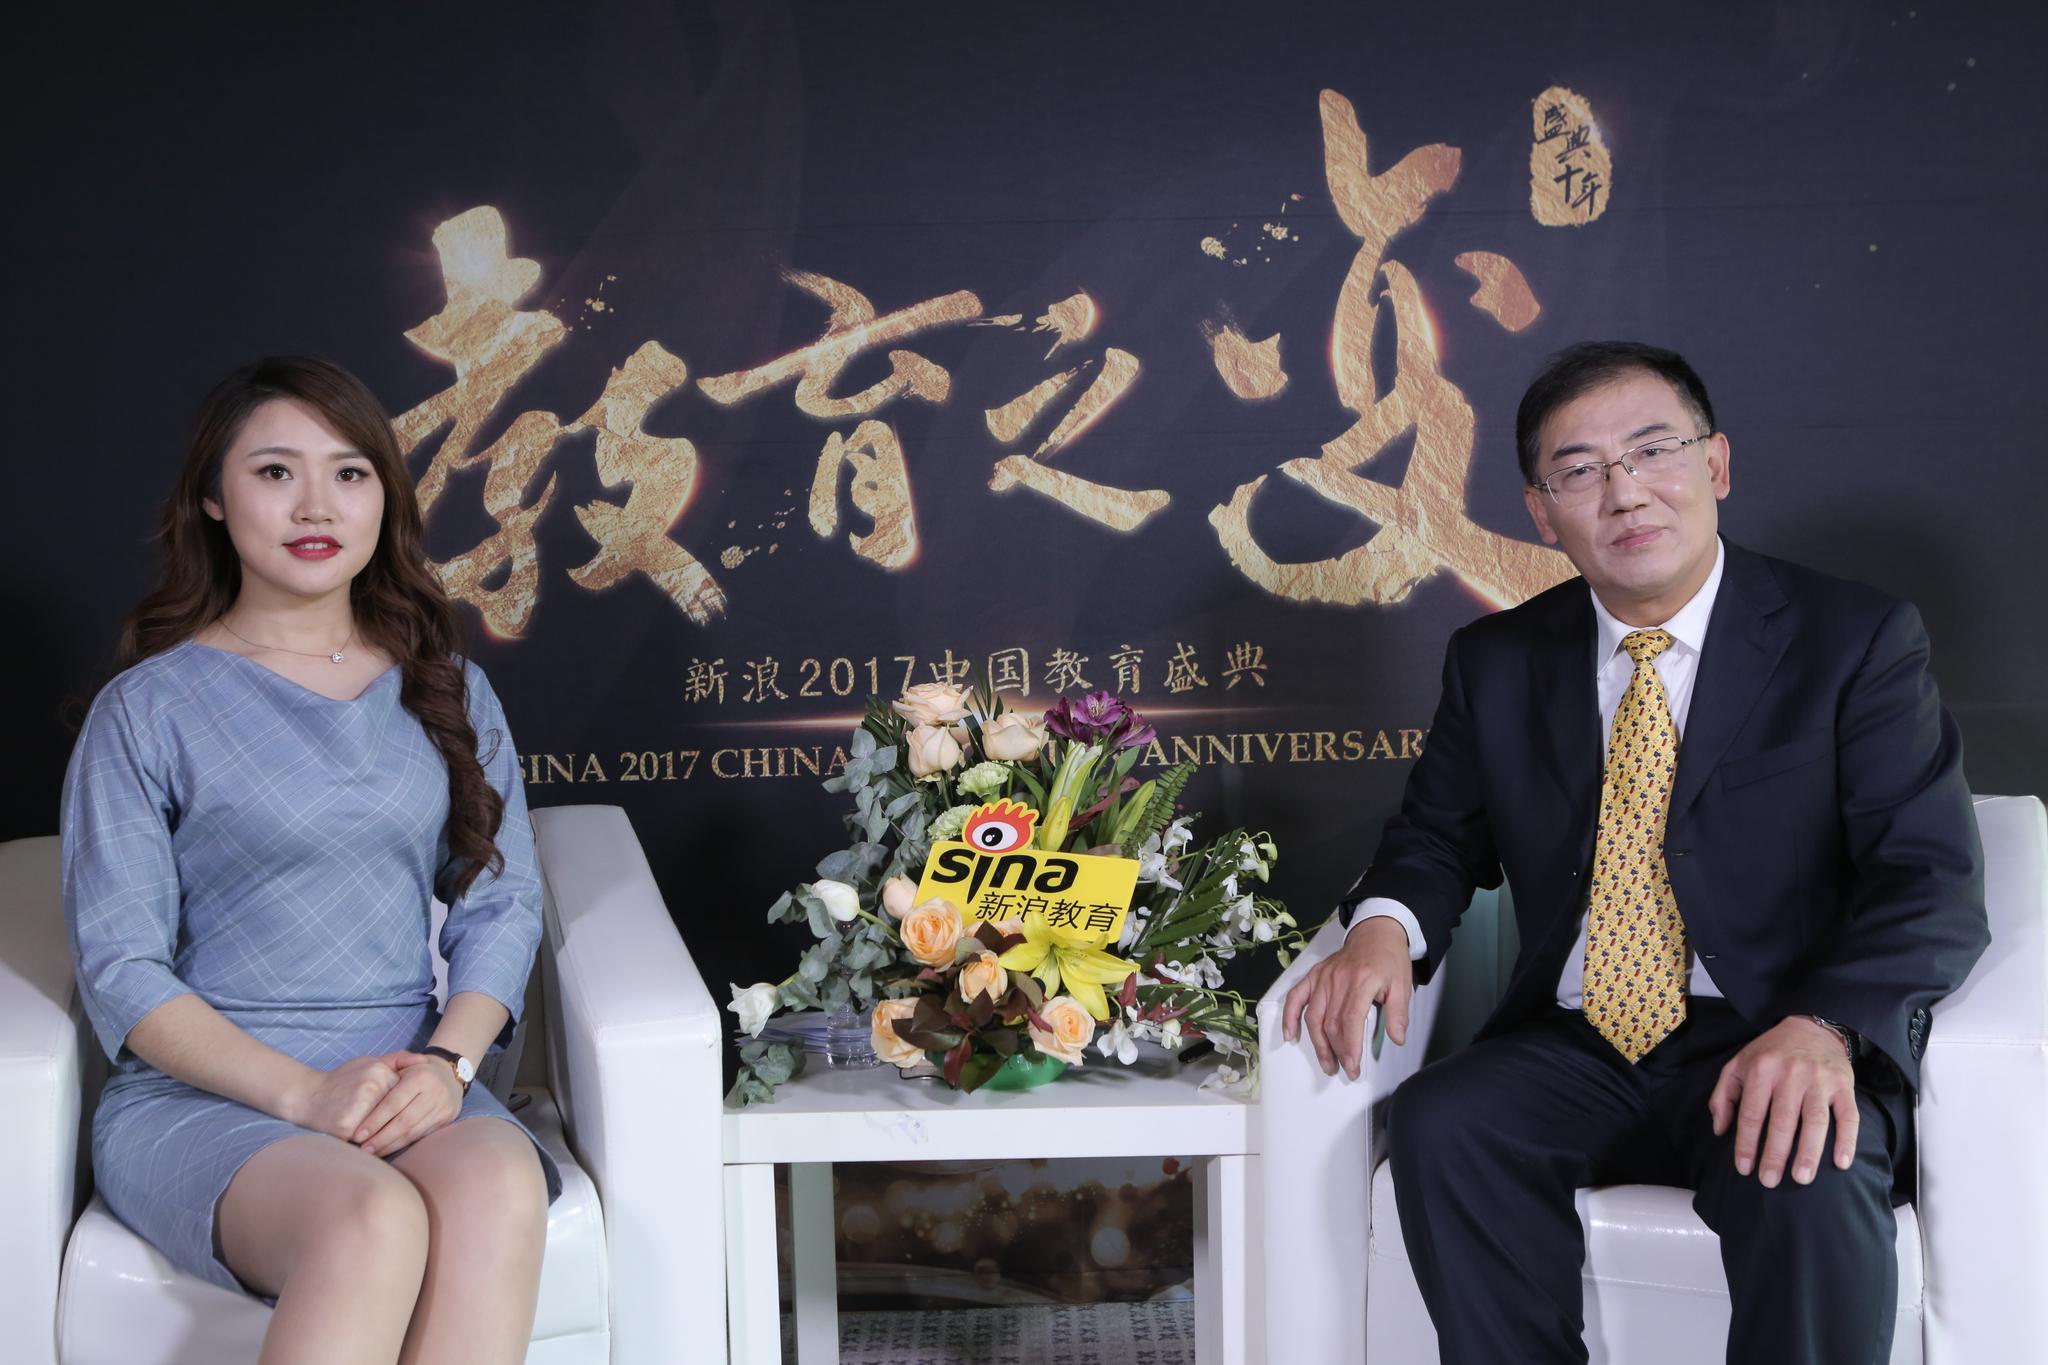 青岛科技大学中德科技学院的副院长刘中冬